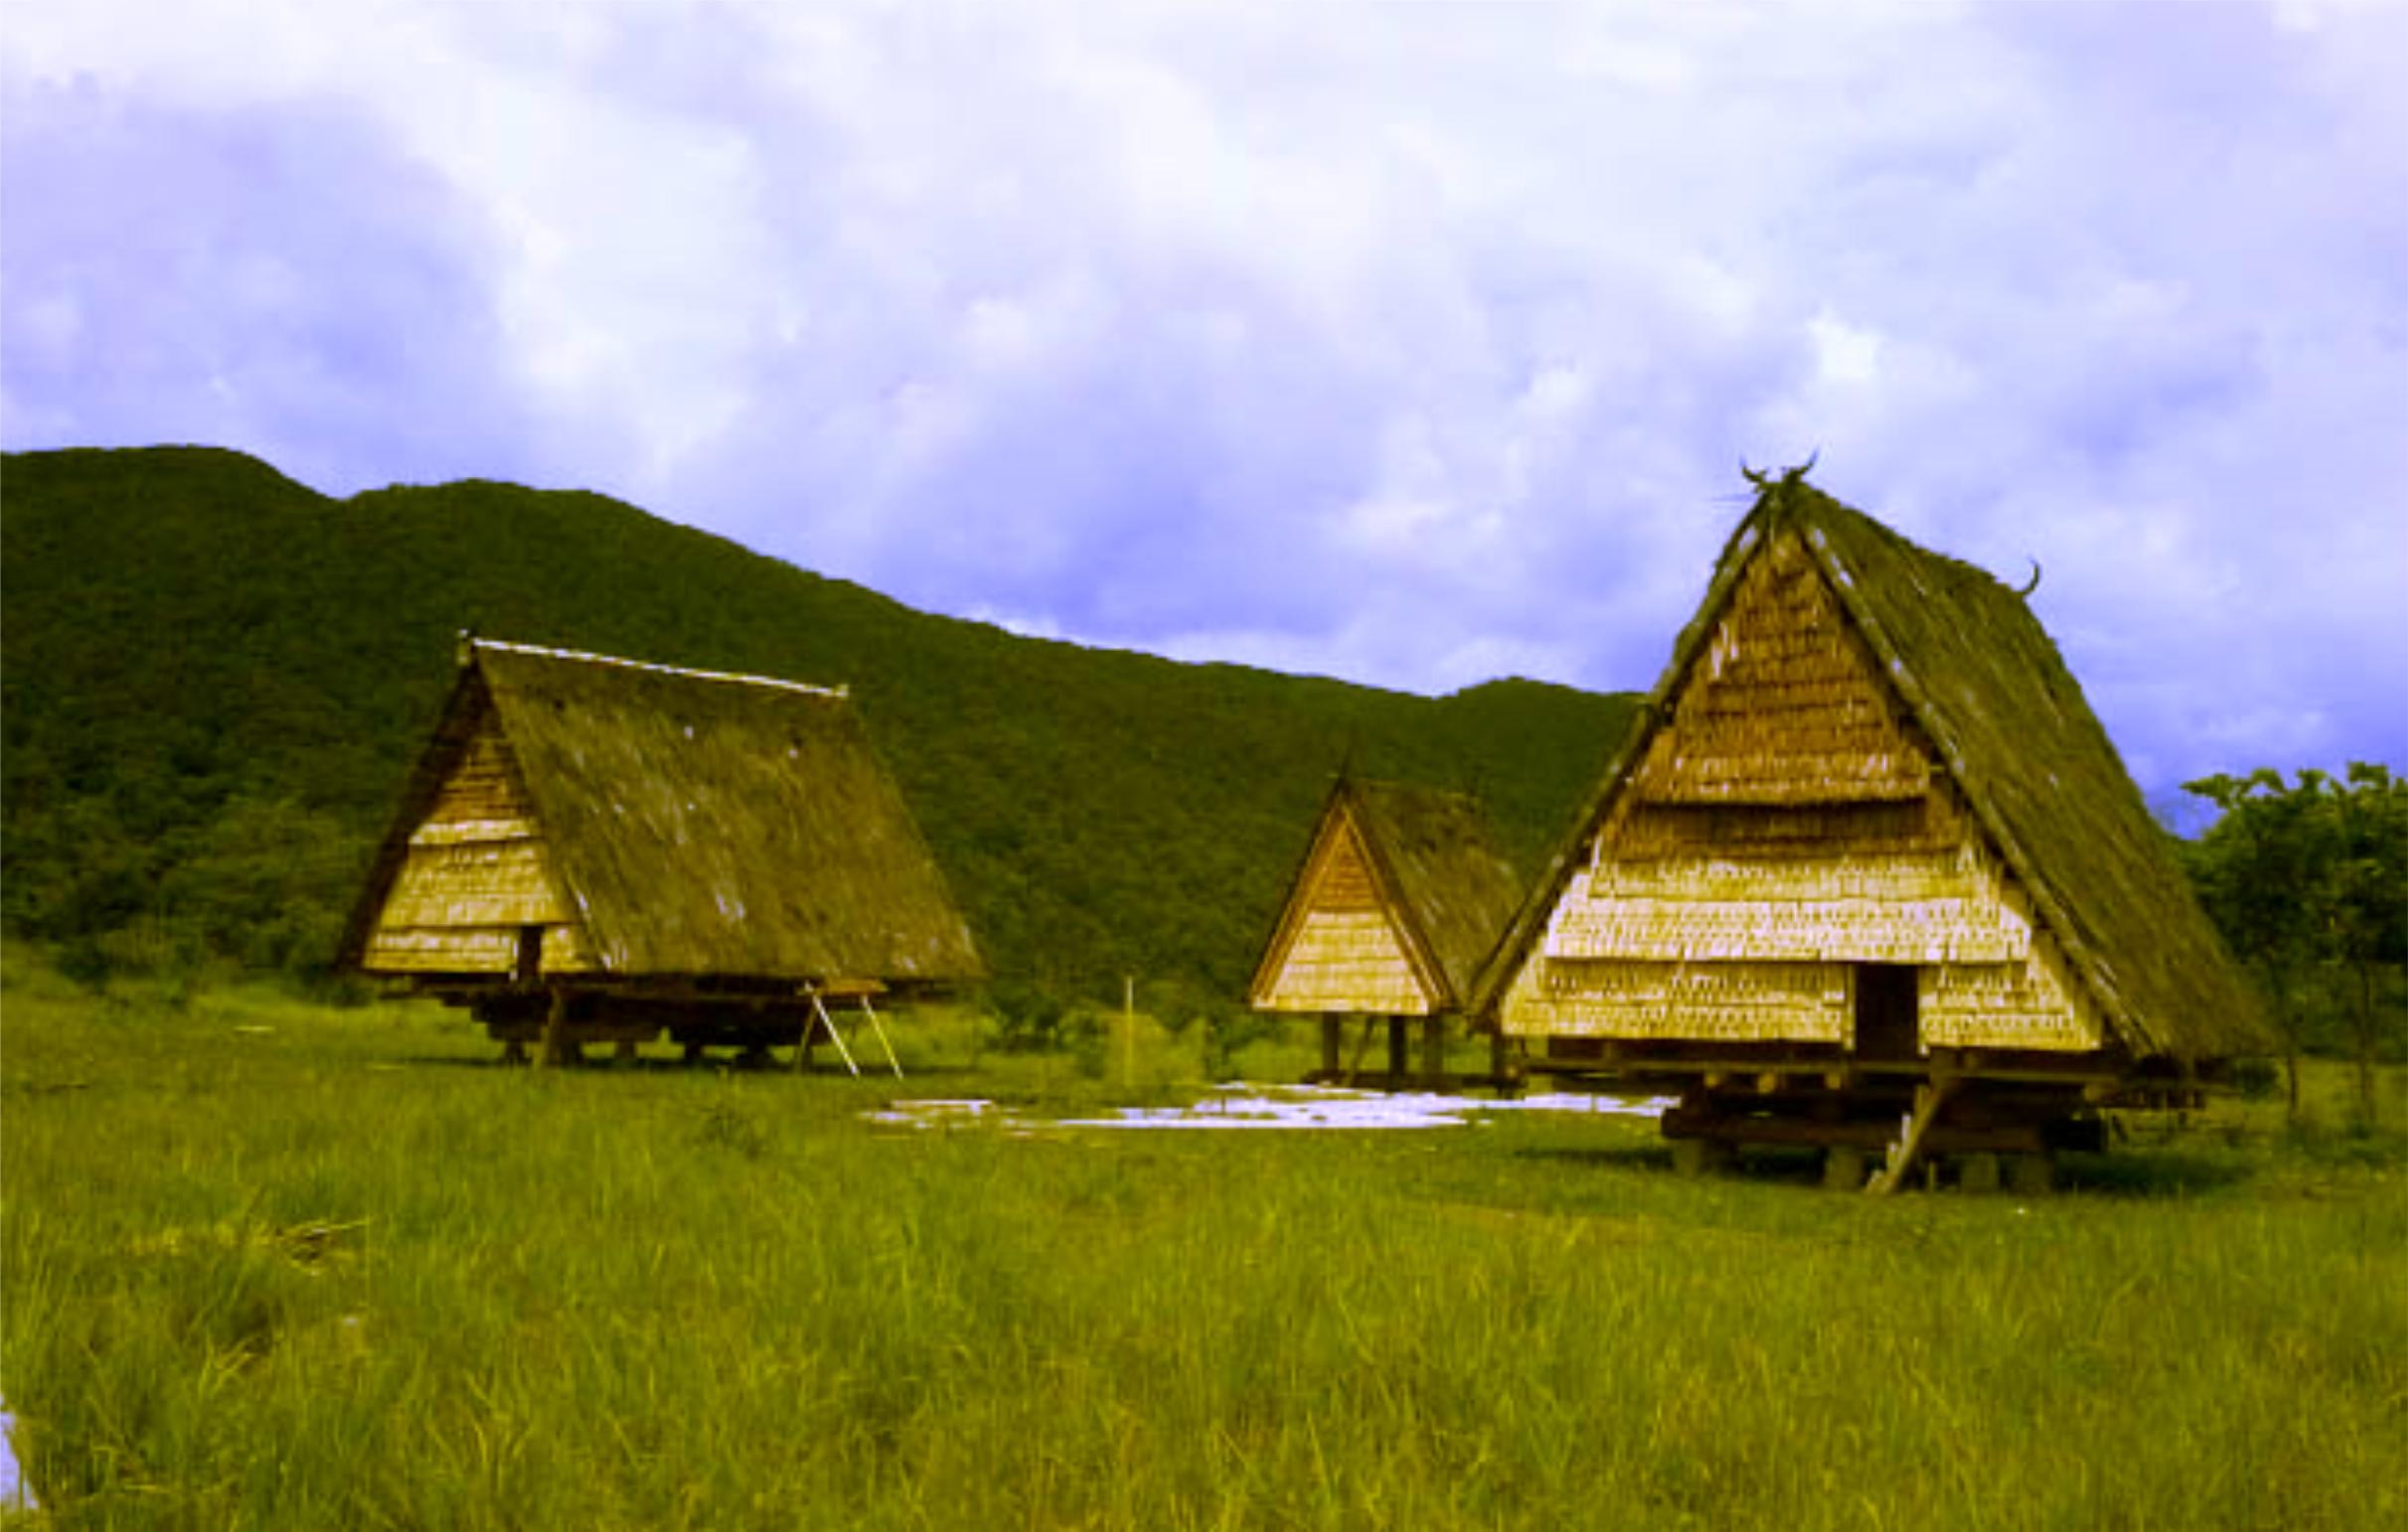 Rumah Adat Tambi Struktur & Ciri Khasnya Beserta Gambar